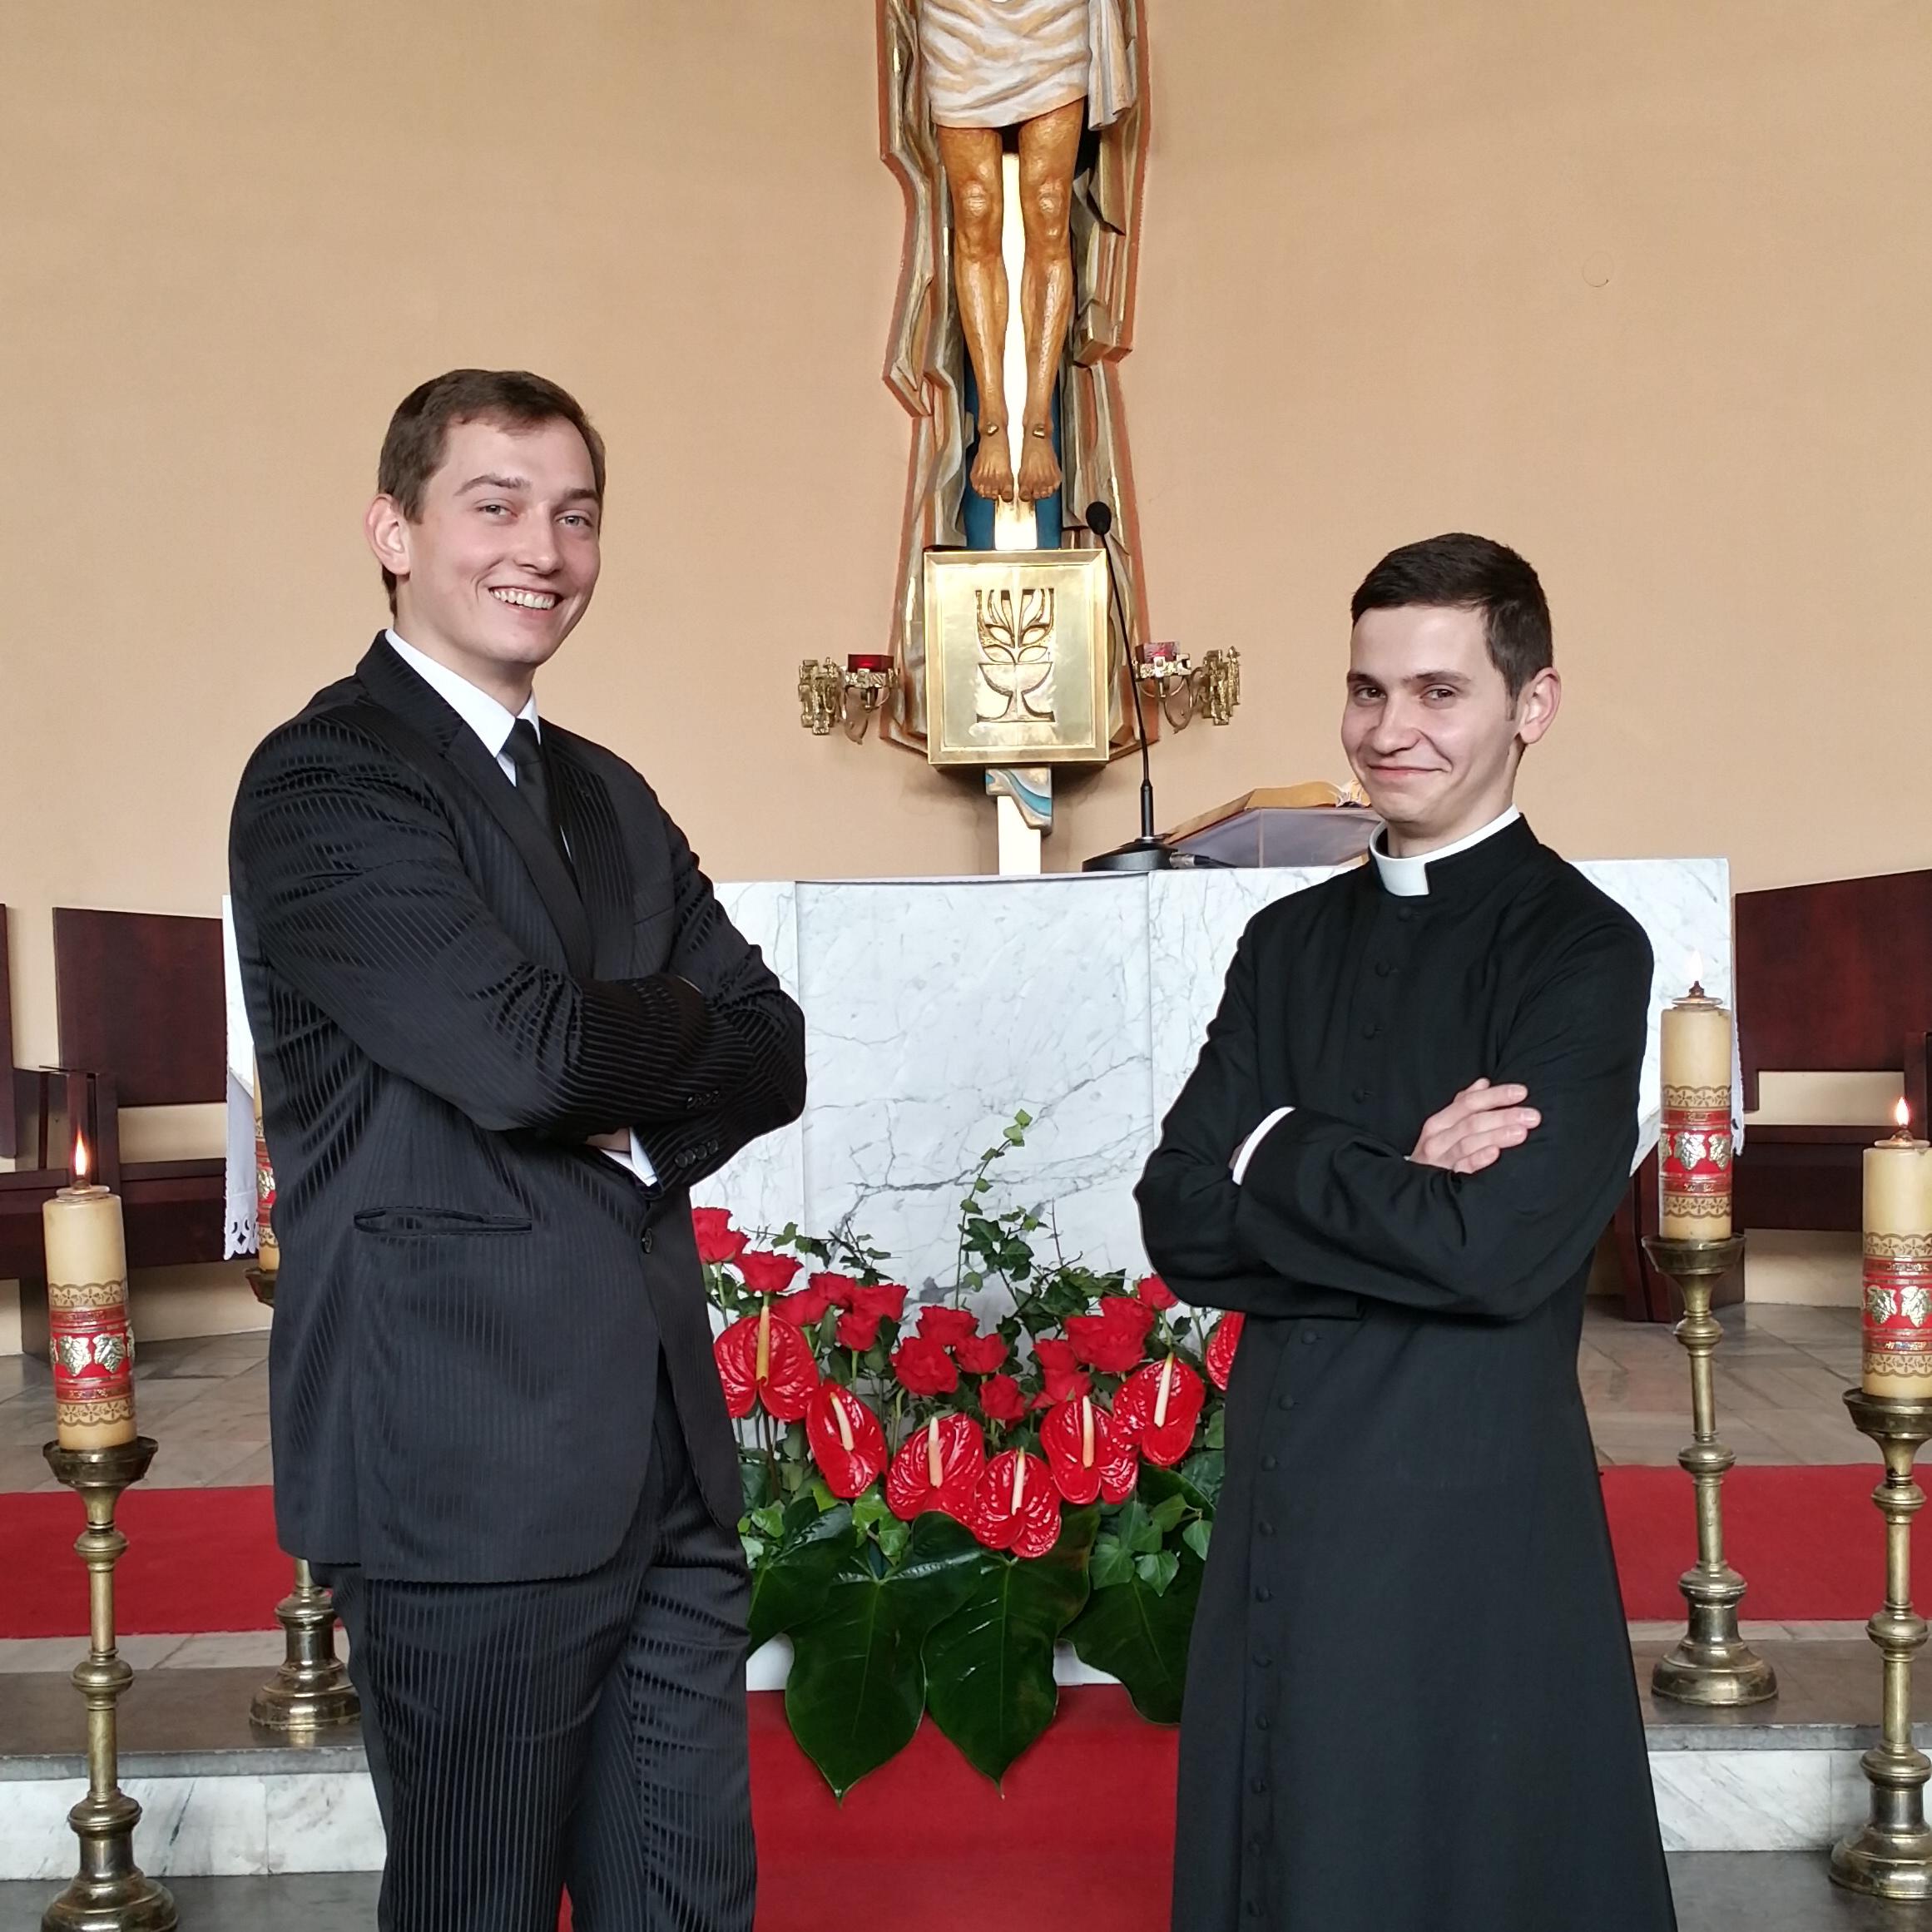 Filip Byczyński i Tomasz Łukaszewski